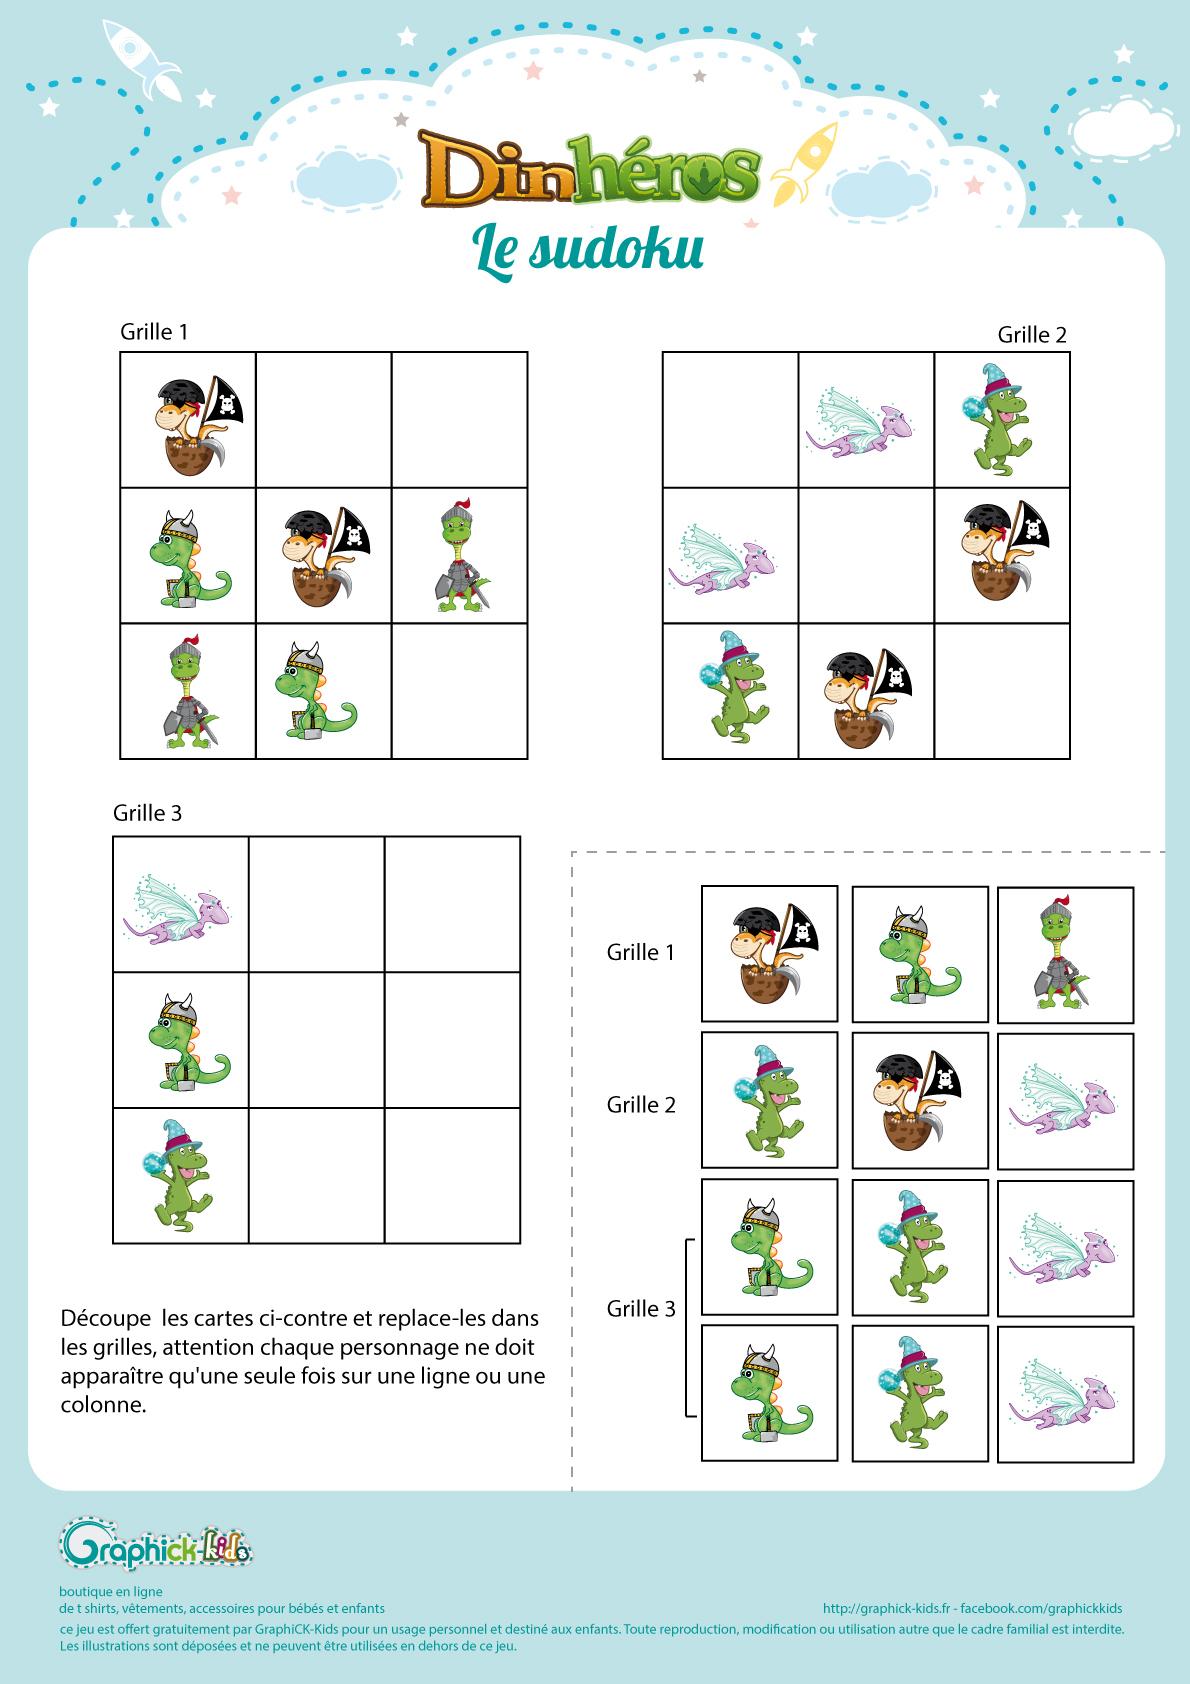 L'activité Du Mercredi : Le Sudoku Des Dinhéros - Graphick-Kids destiné Sudoku Animaux À Imprimer